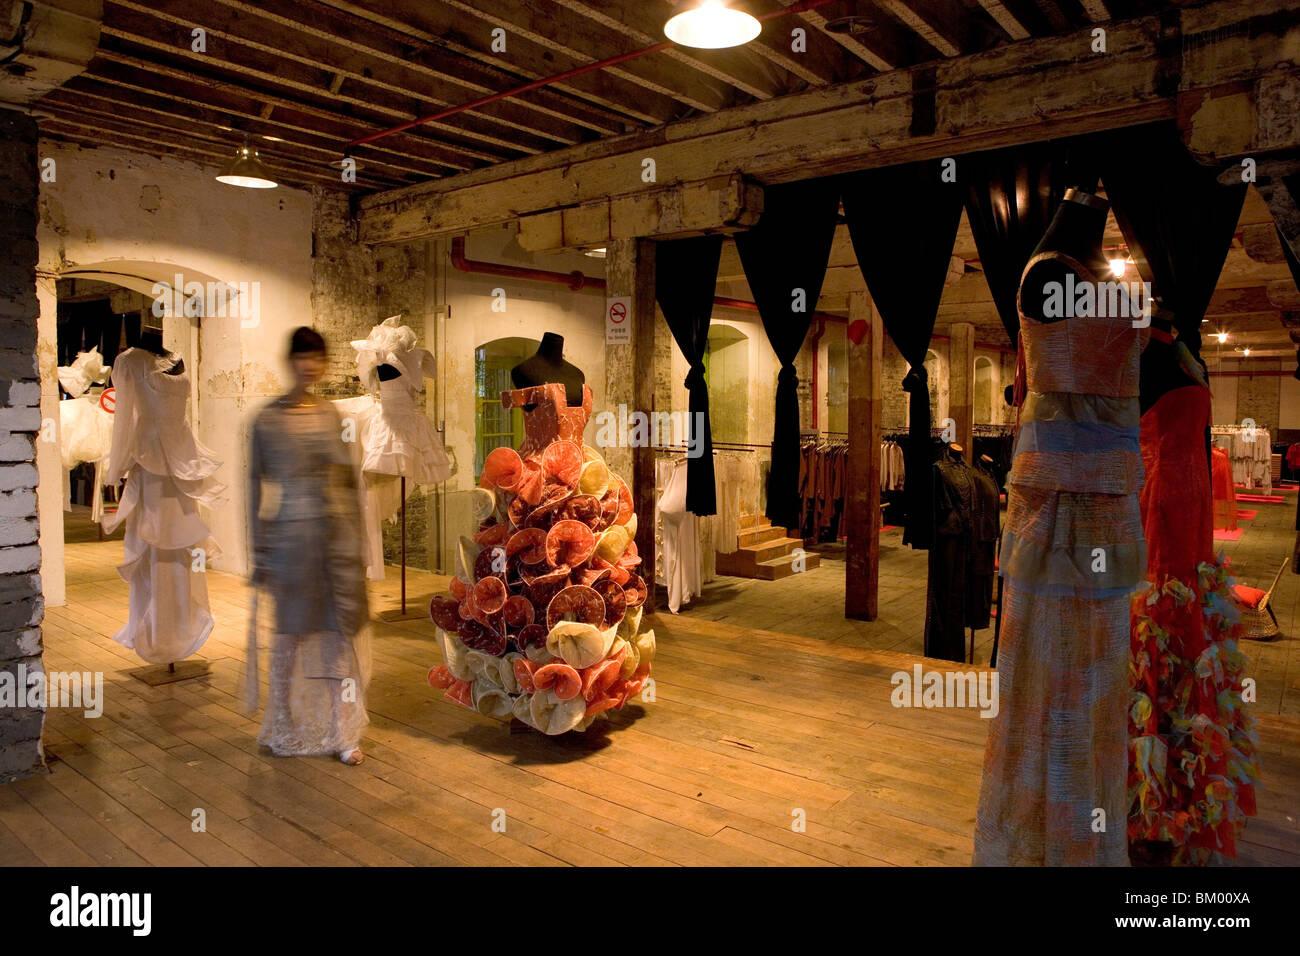 Fashion, Biche de Bere, French haute couture and pret a porter designer Biche de Bere, warehouse at Souzhou Creek, - Stock Image